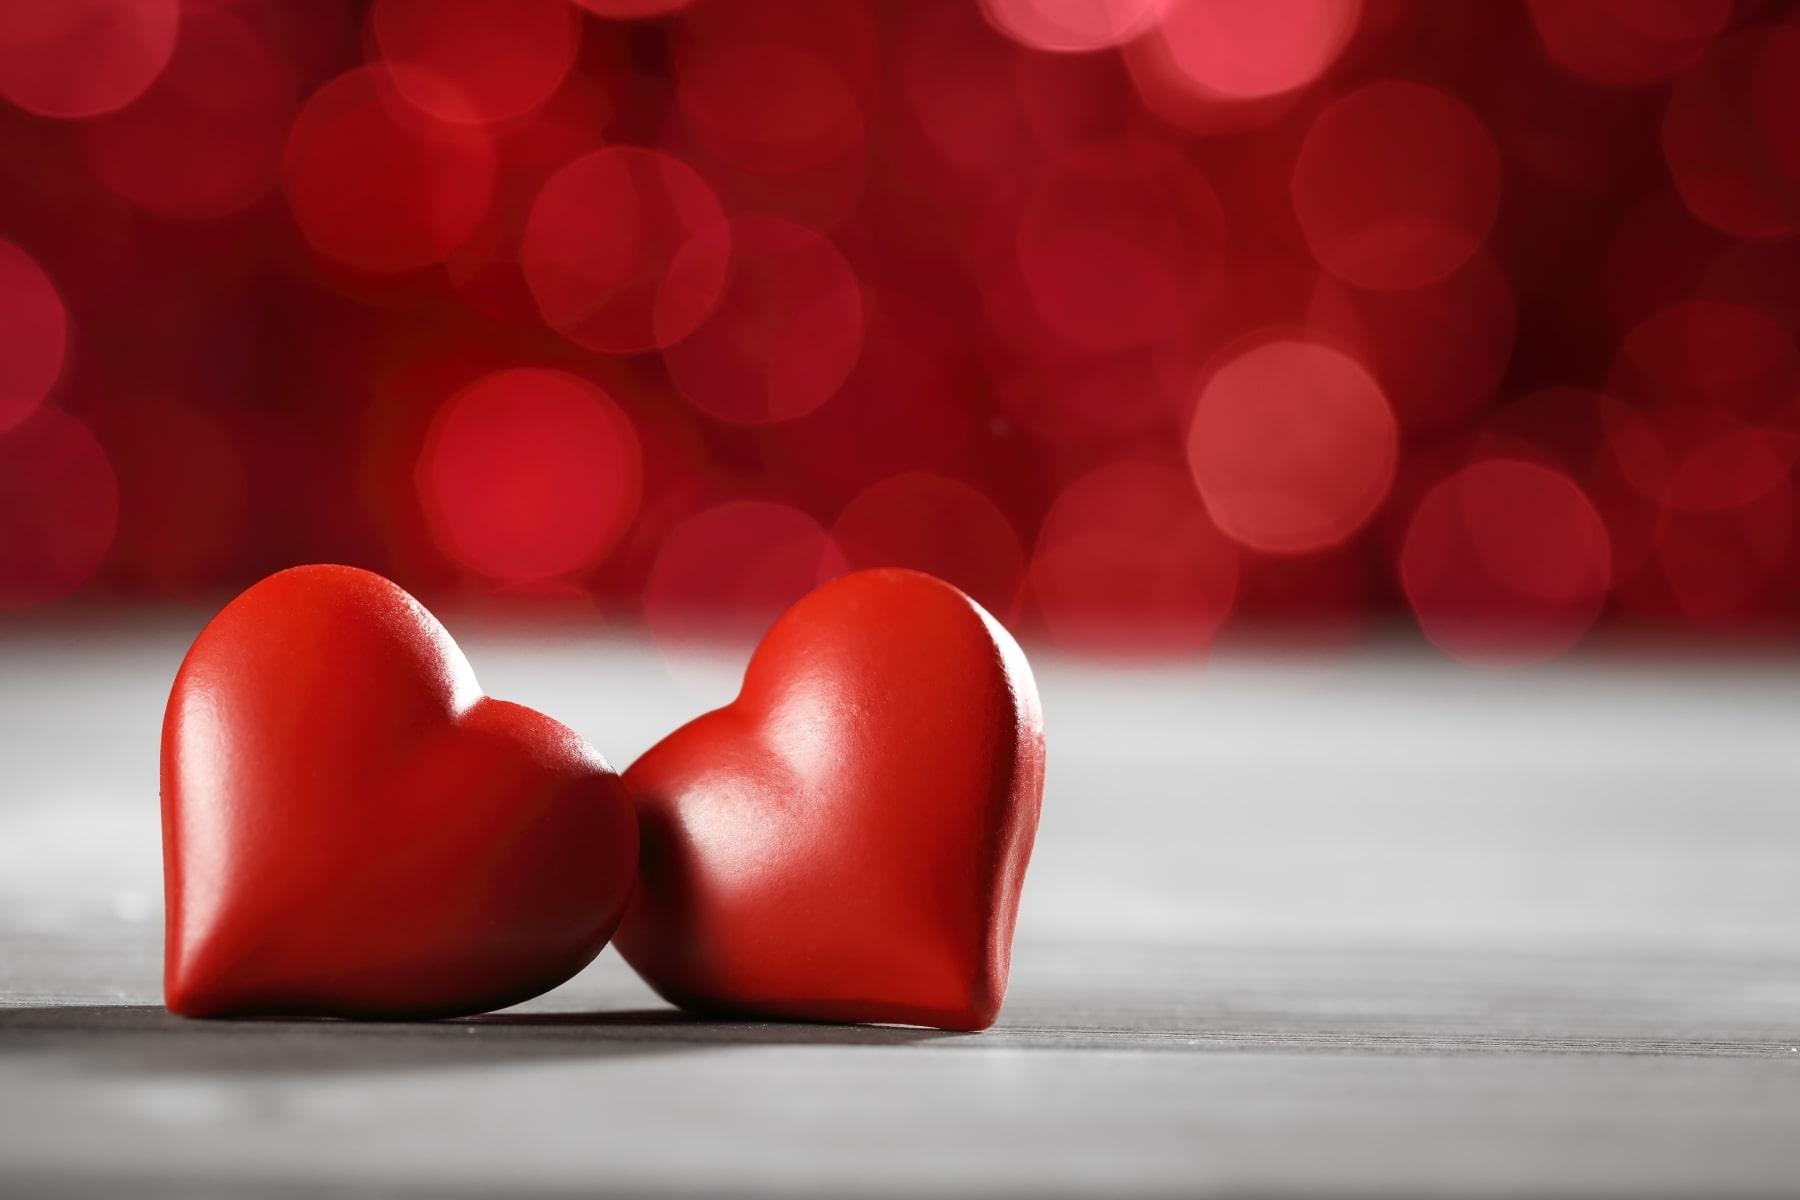 Bolesti srca ima dvije vrste